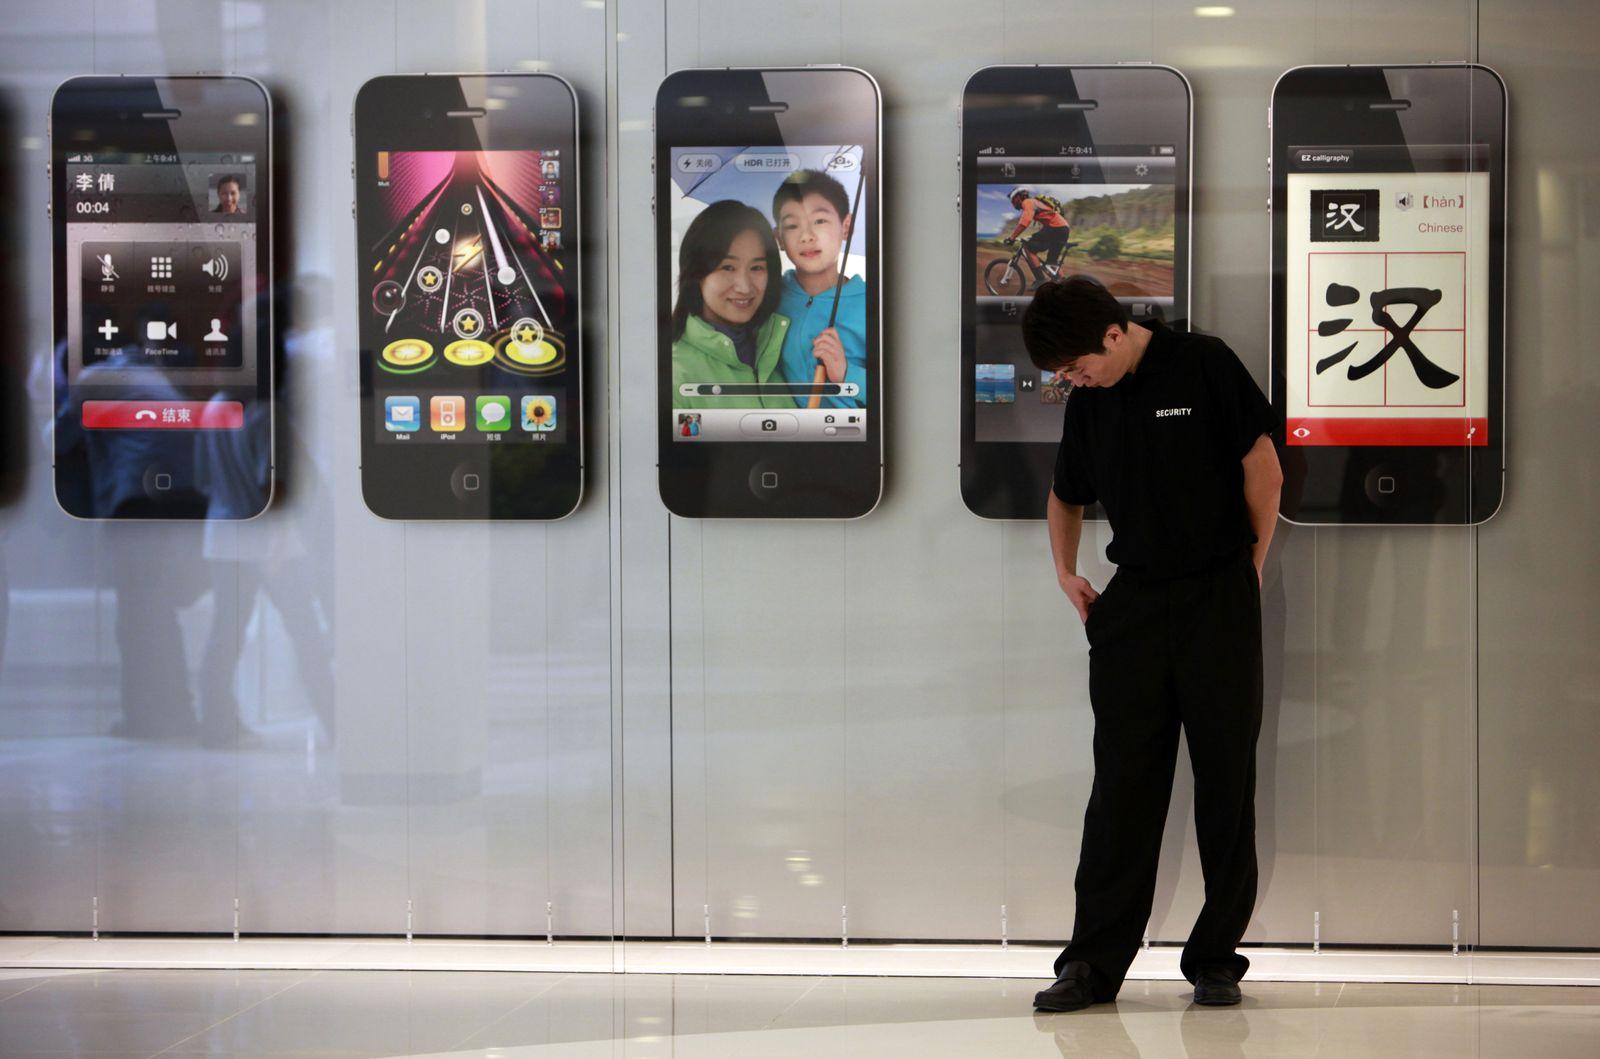 NICHT MEHR VERWENDEN! - Apple / iPhone / Technologie / Neuheut / Smartphone